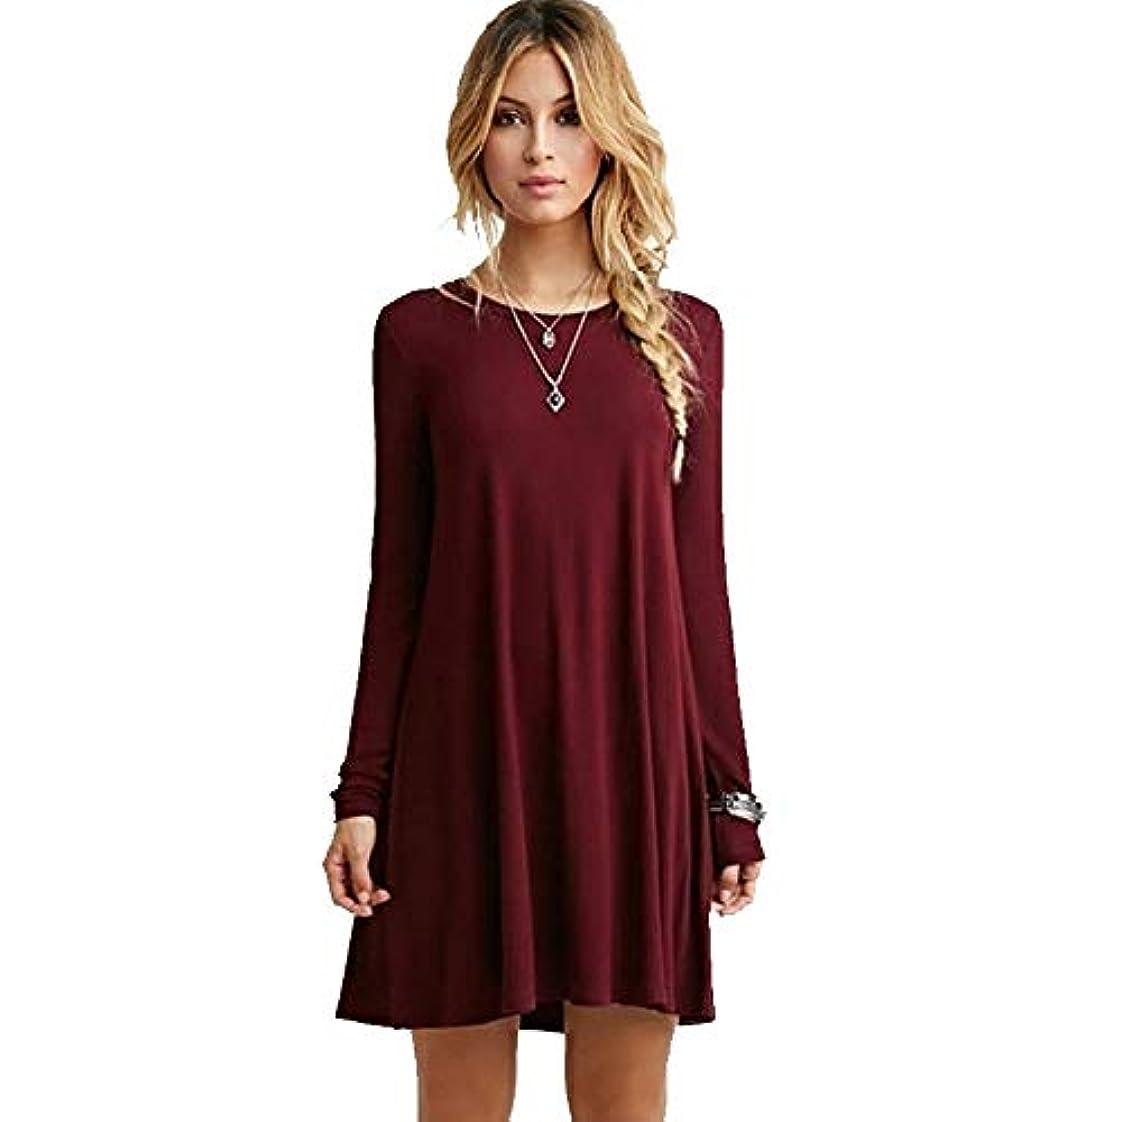 長椅子姪馬力MIFANルースドレス、プラスサイズのドレス、長袖のドレス、女性のドレス、秋のドレス、マキシドレス、コットンドレス